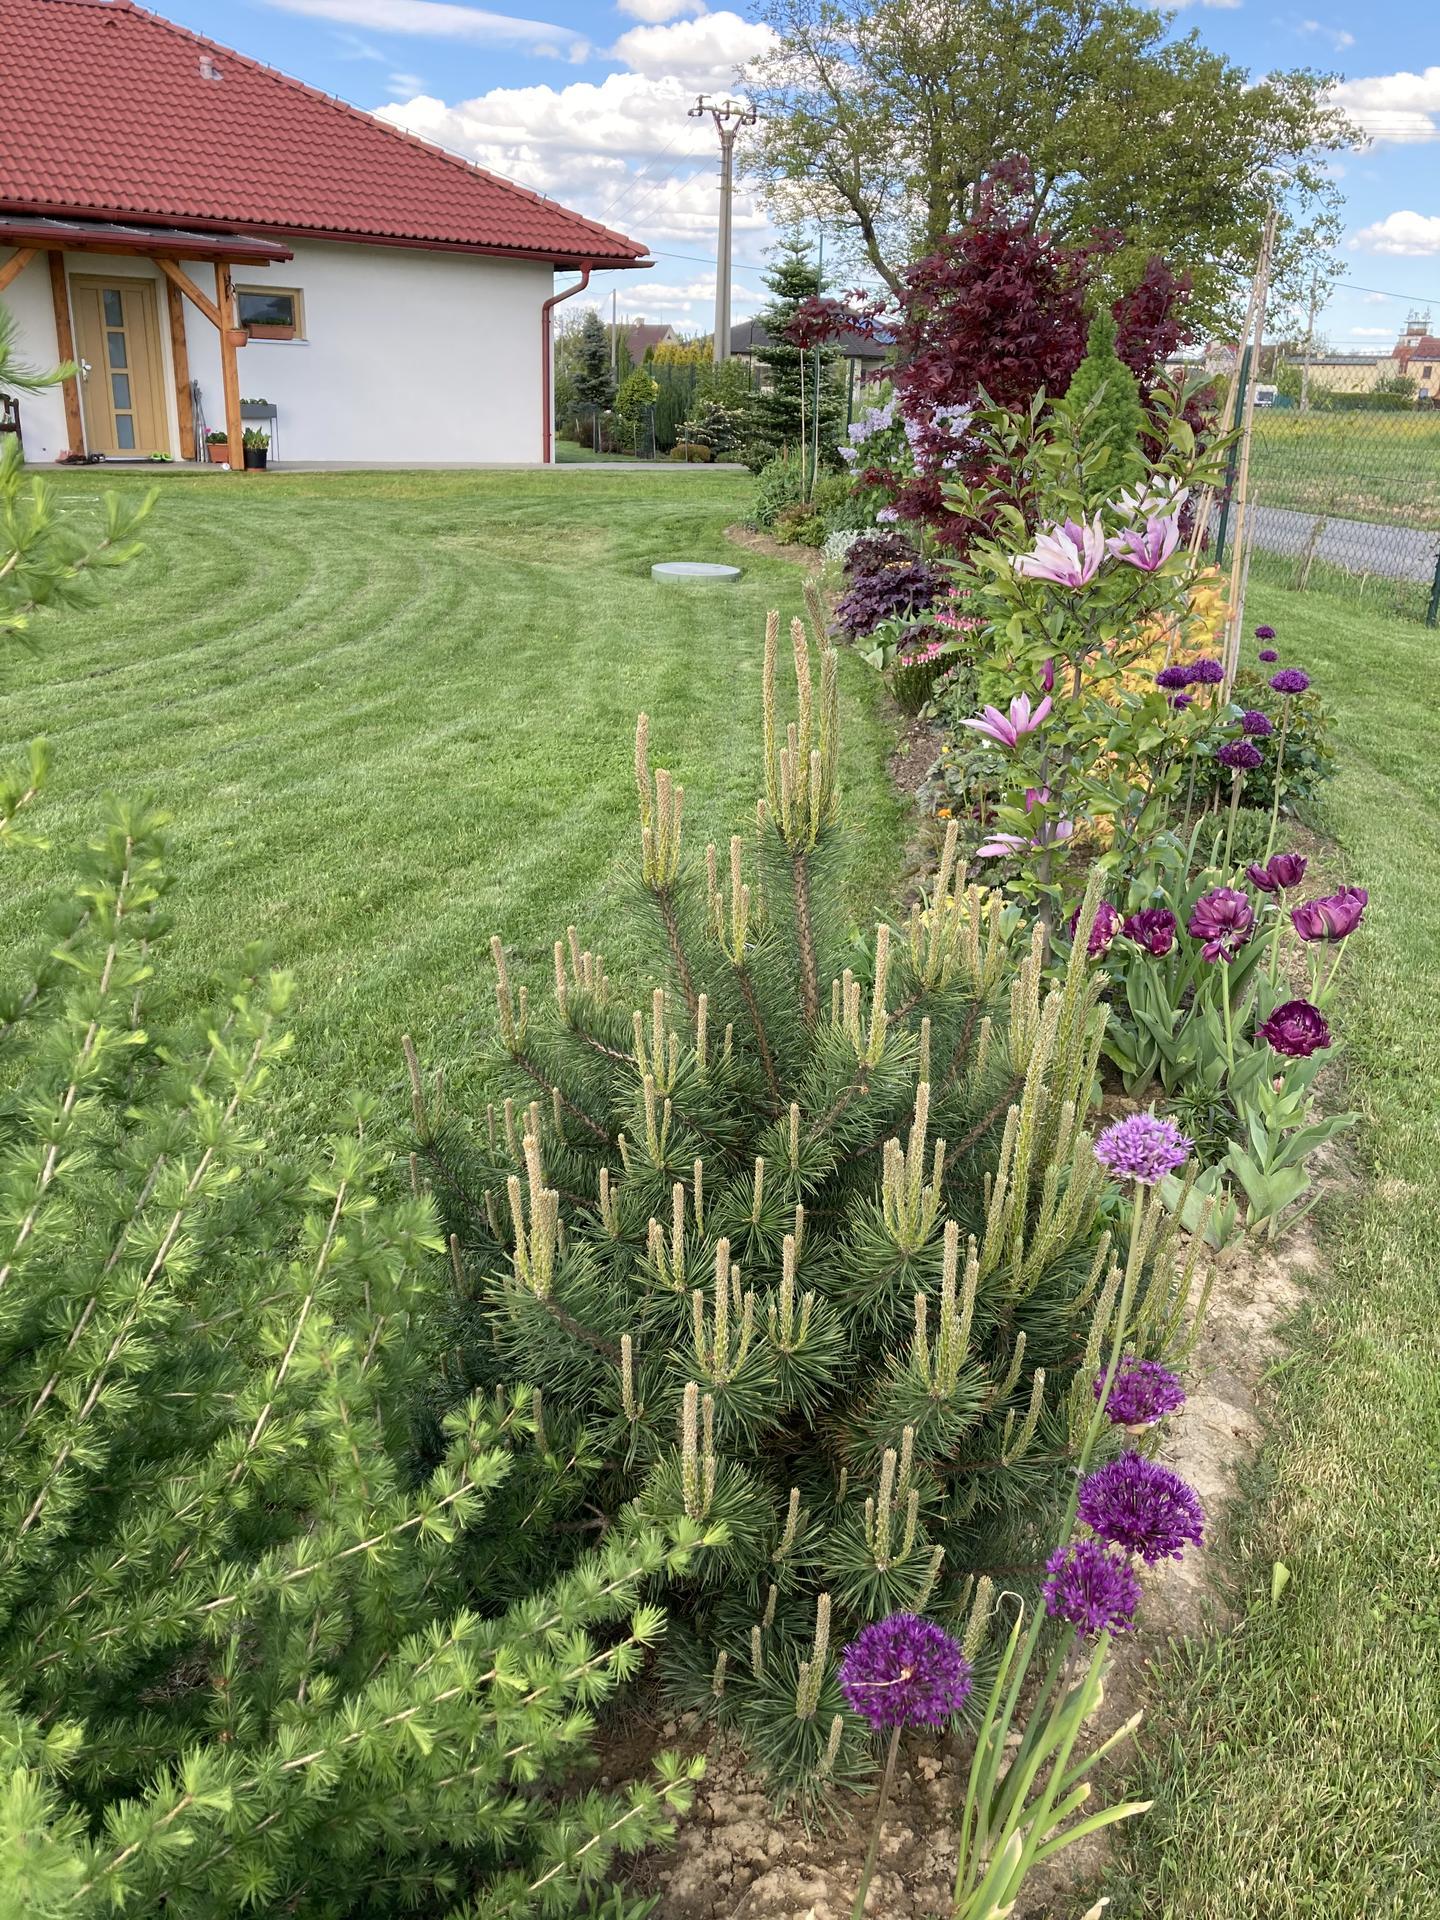 Šestý rok zahradničím - Obrázek č. 37